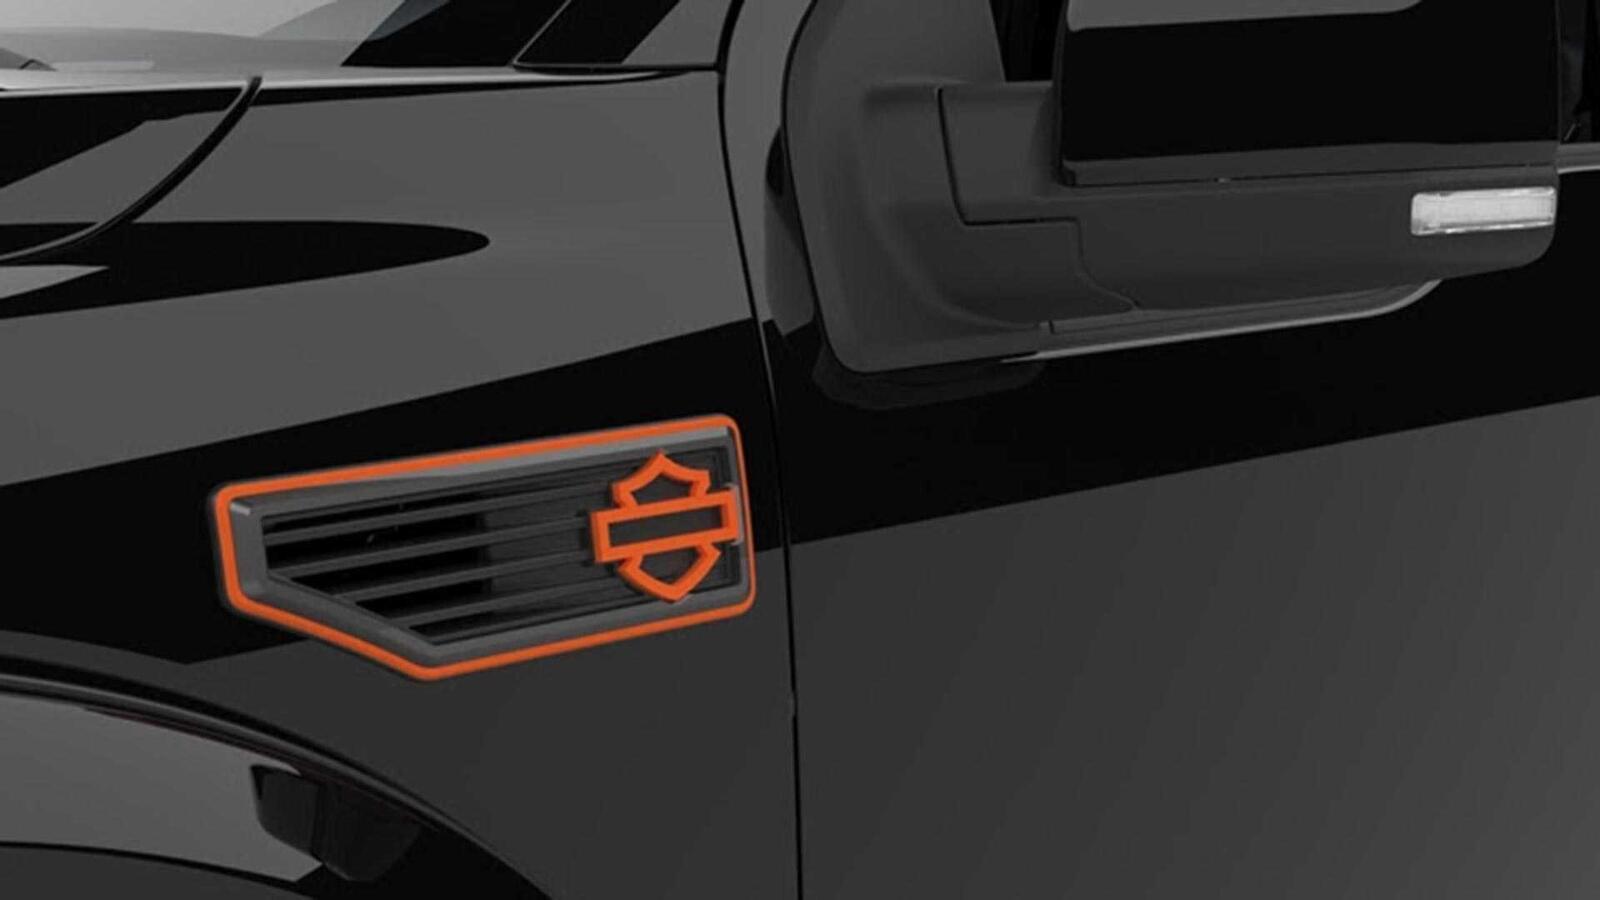 Bán tải Ford F-150 độ bởi hãng mô tô Harley-Davidson có giá bán từ 97.000 USD tại Mỹ - Hình 5